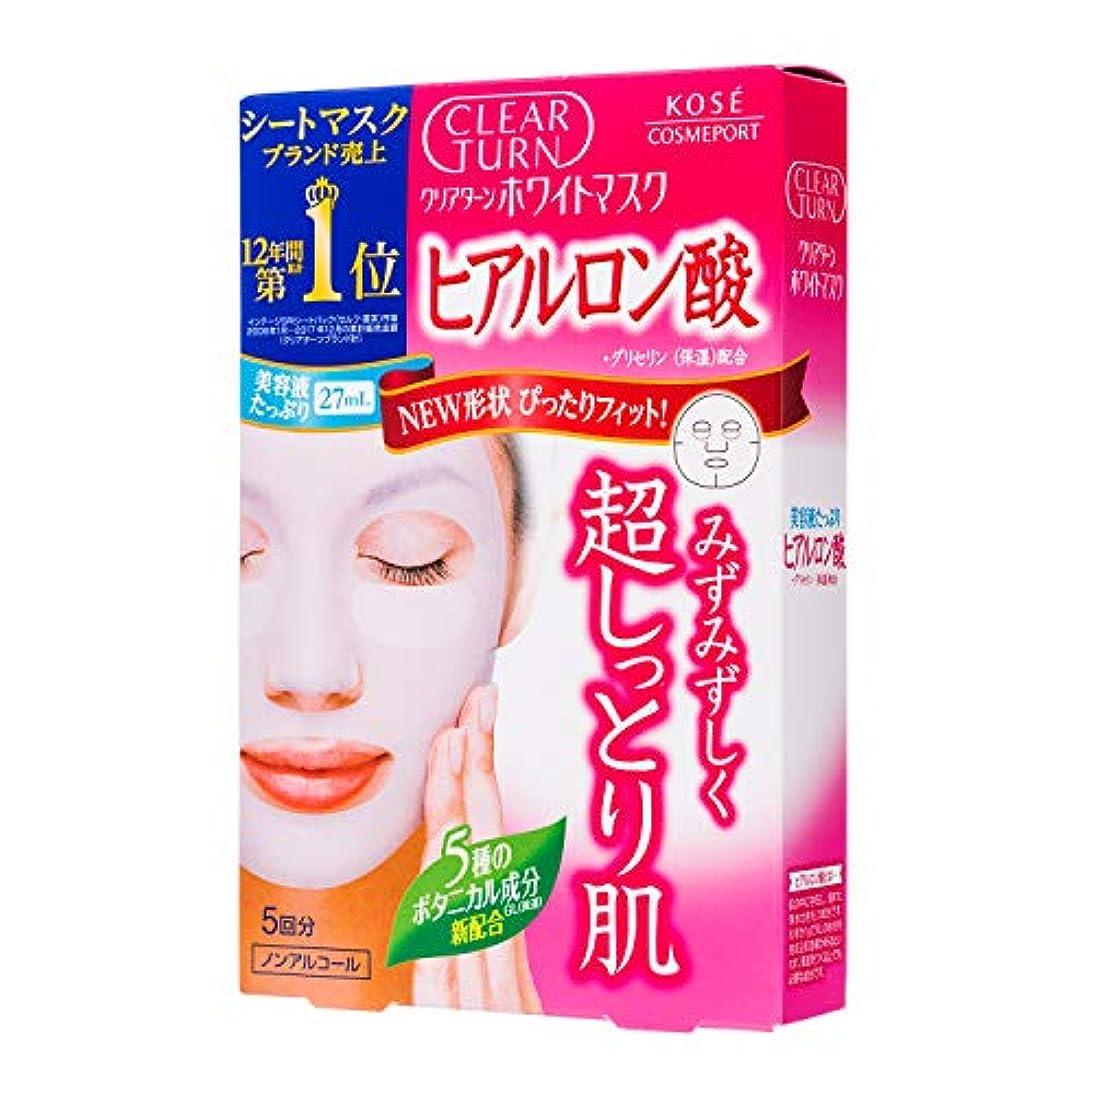 農学原告中止しますKOSE コーセー クリアターン ホワイト マスク HA (ヒアルロン酸) 5回分 (22mL×5)